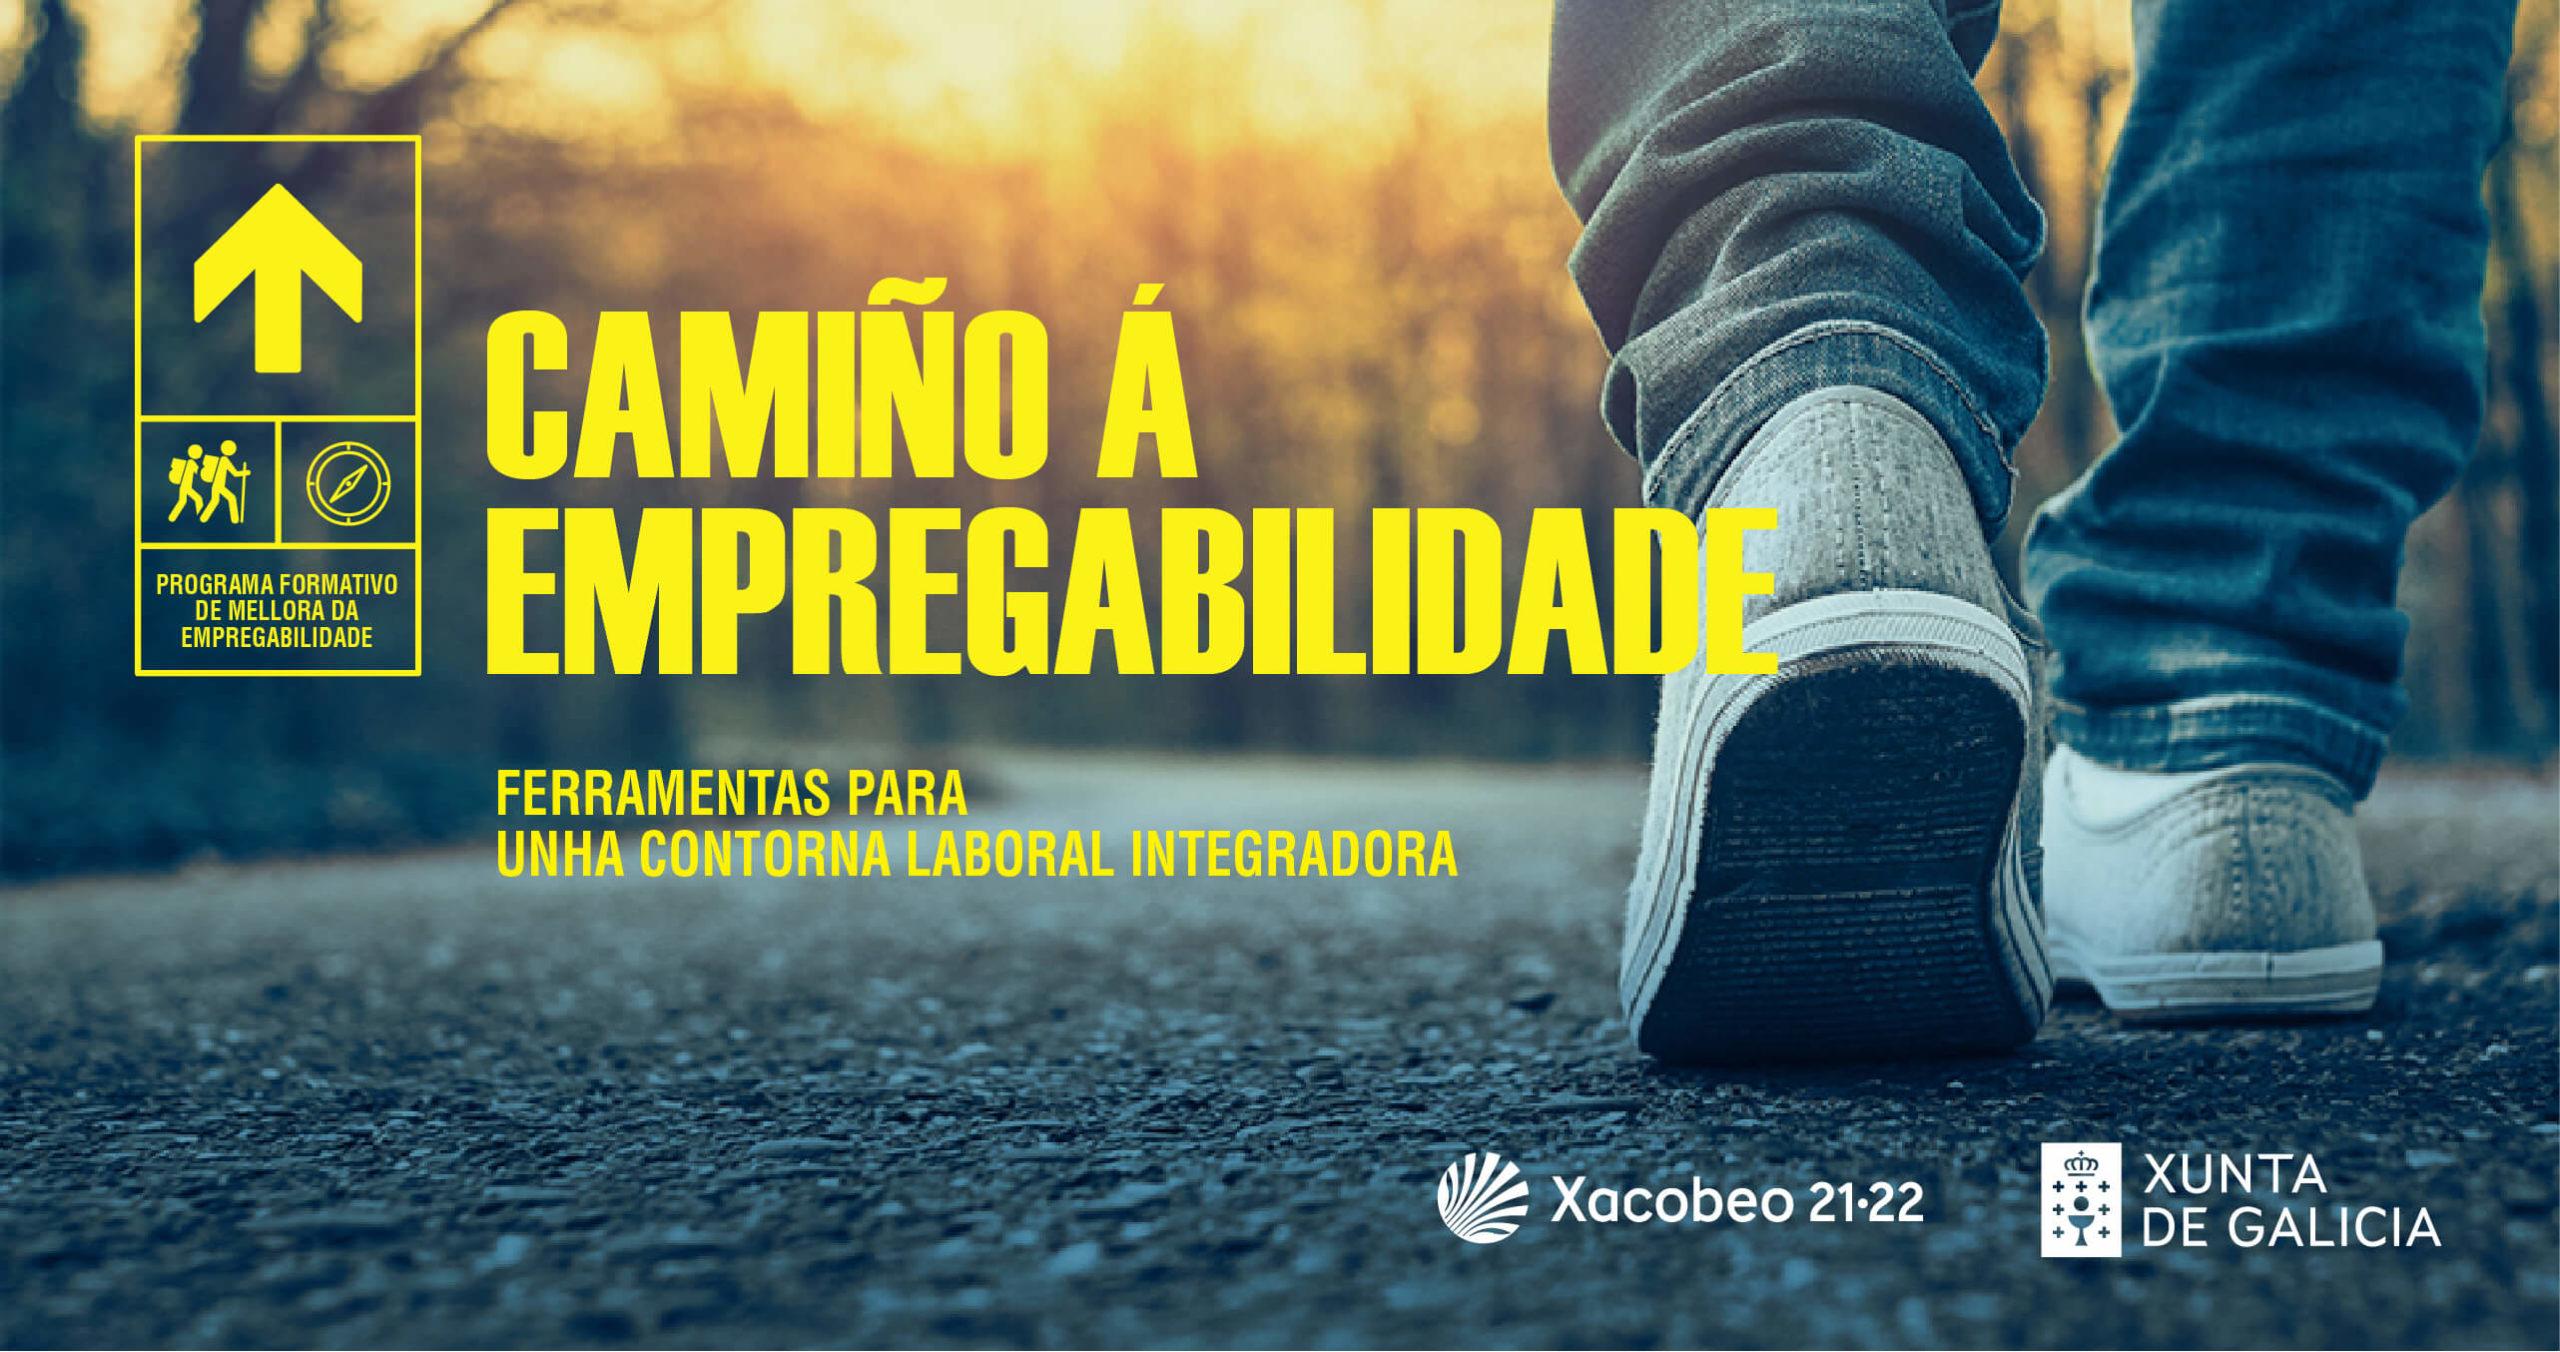 Programa formativo de la Xunta de Galicia y la Fundación Pública Galega de Formación para o Traballo para luchar contra el desempleo juvenil